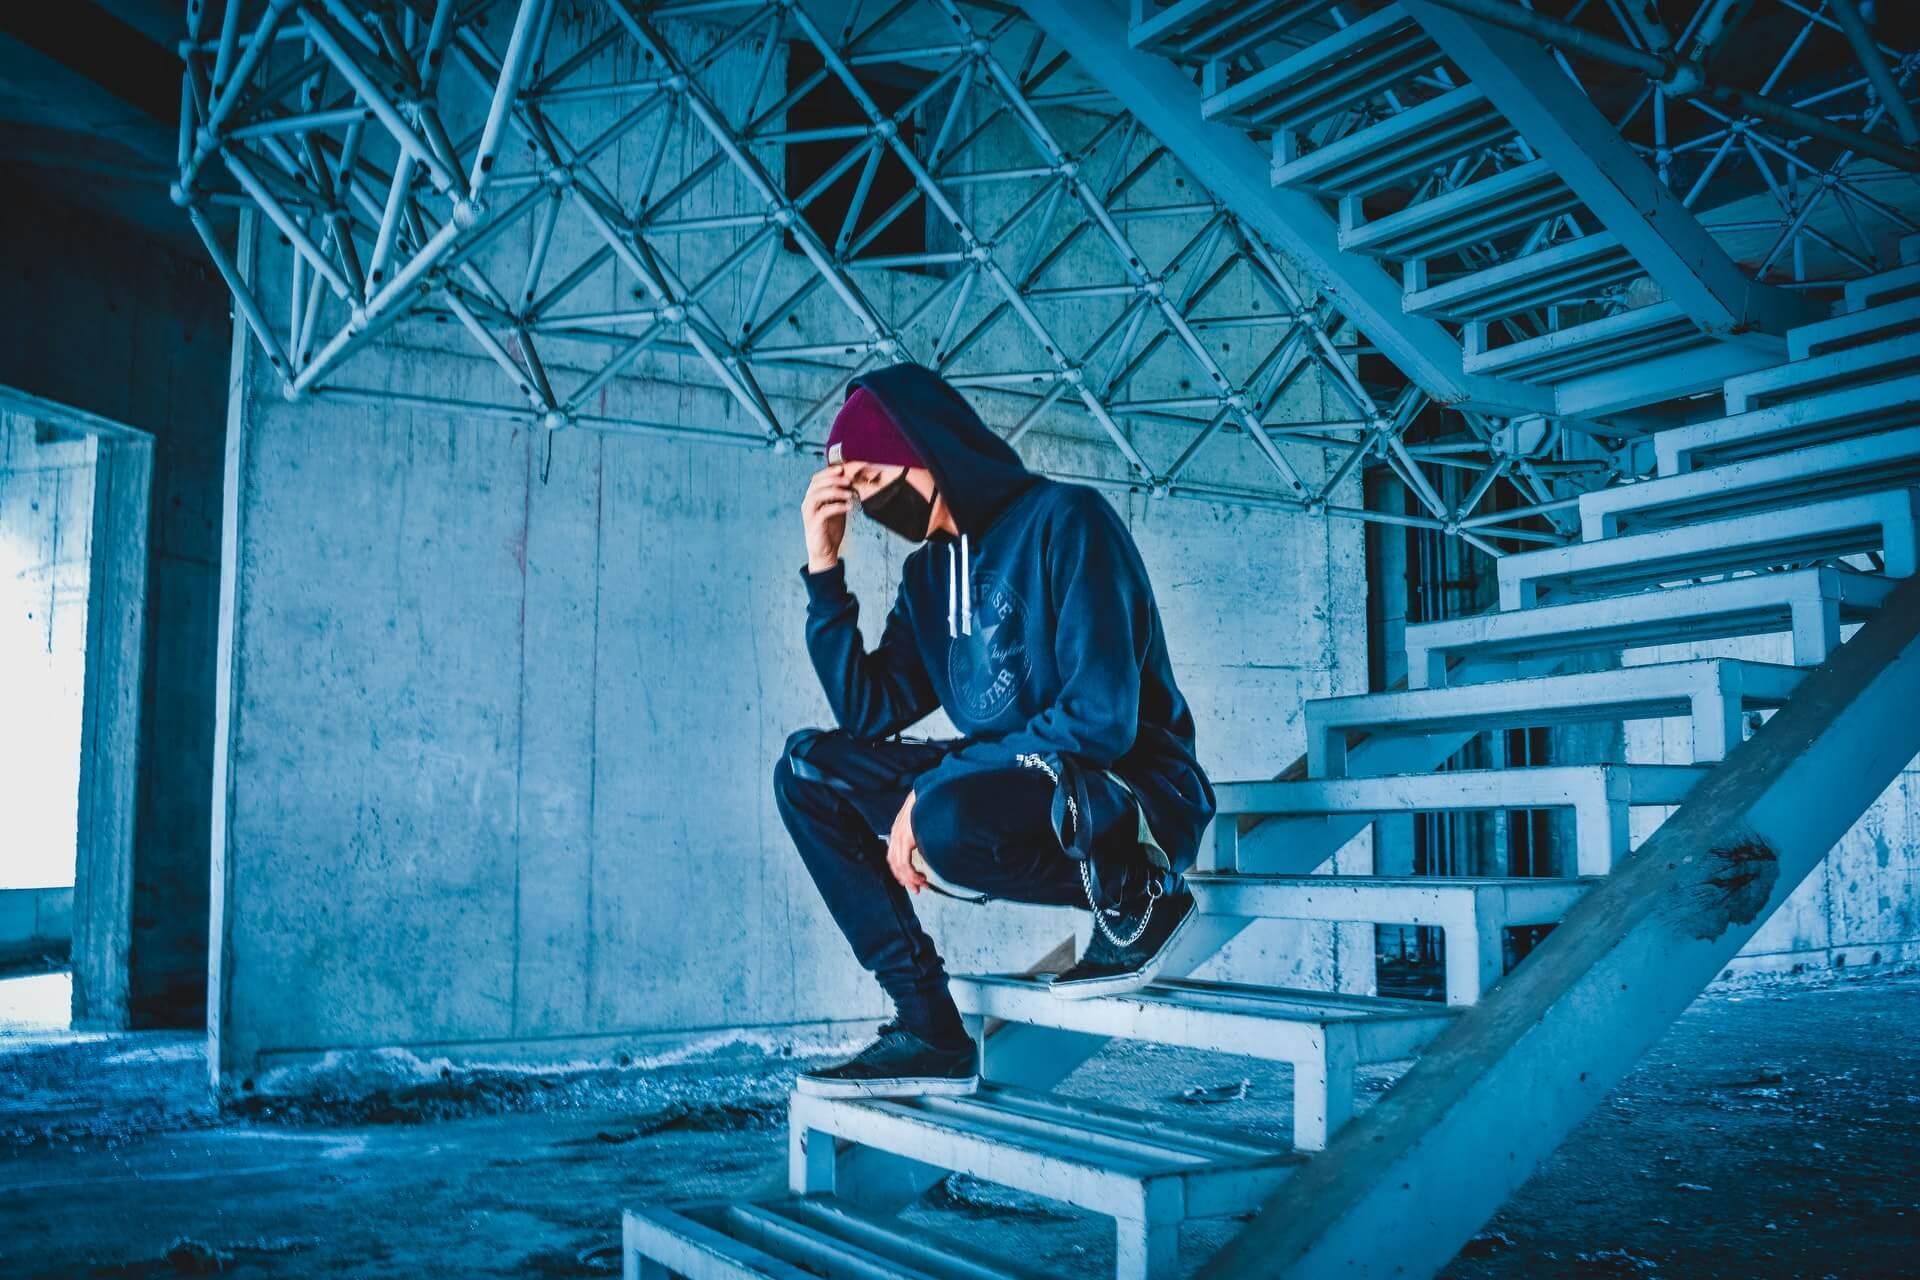 【夏場のコロナ対策】冷感マスクおすすめ3選【日本製・UVカット付き】